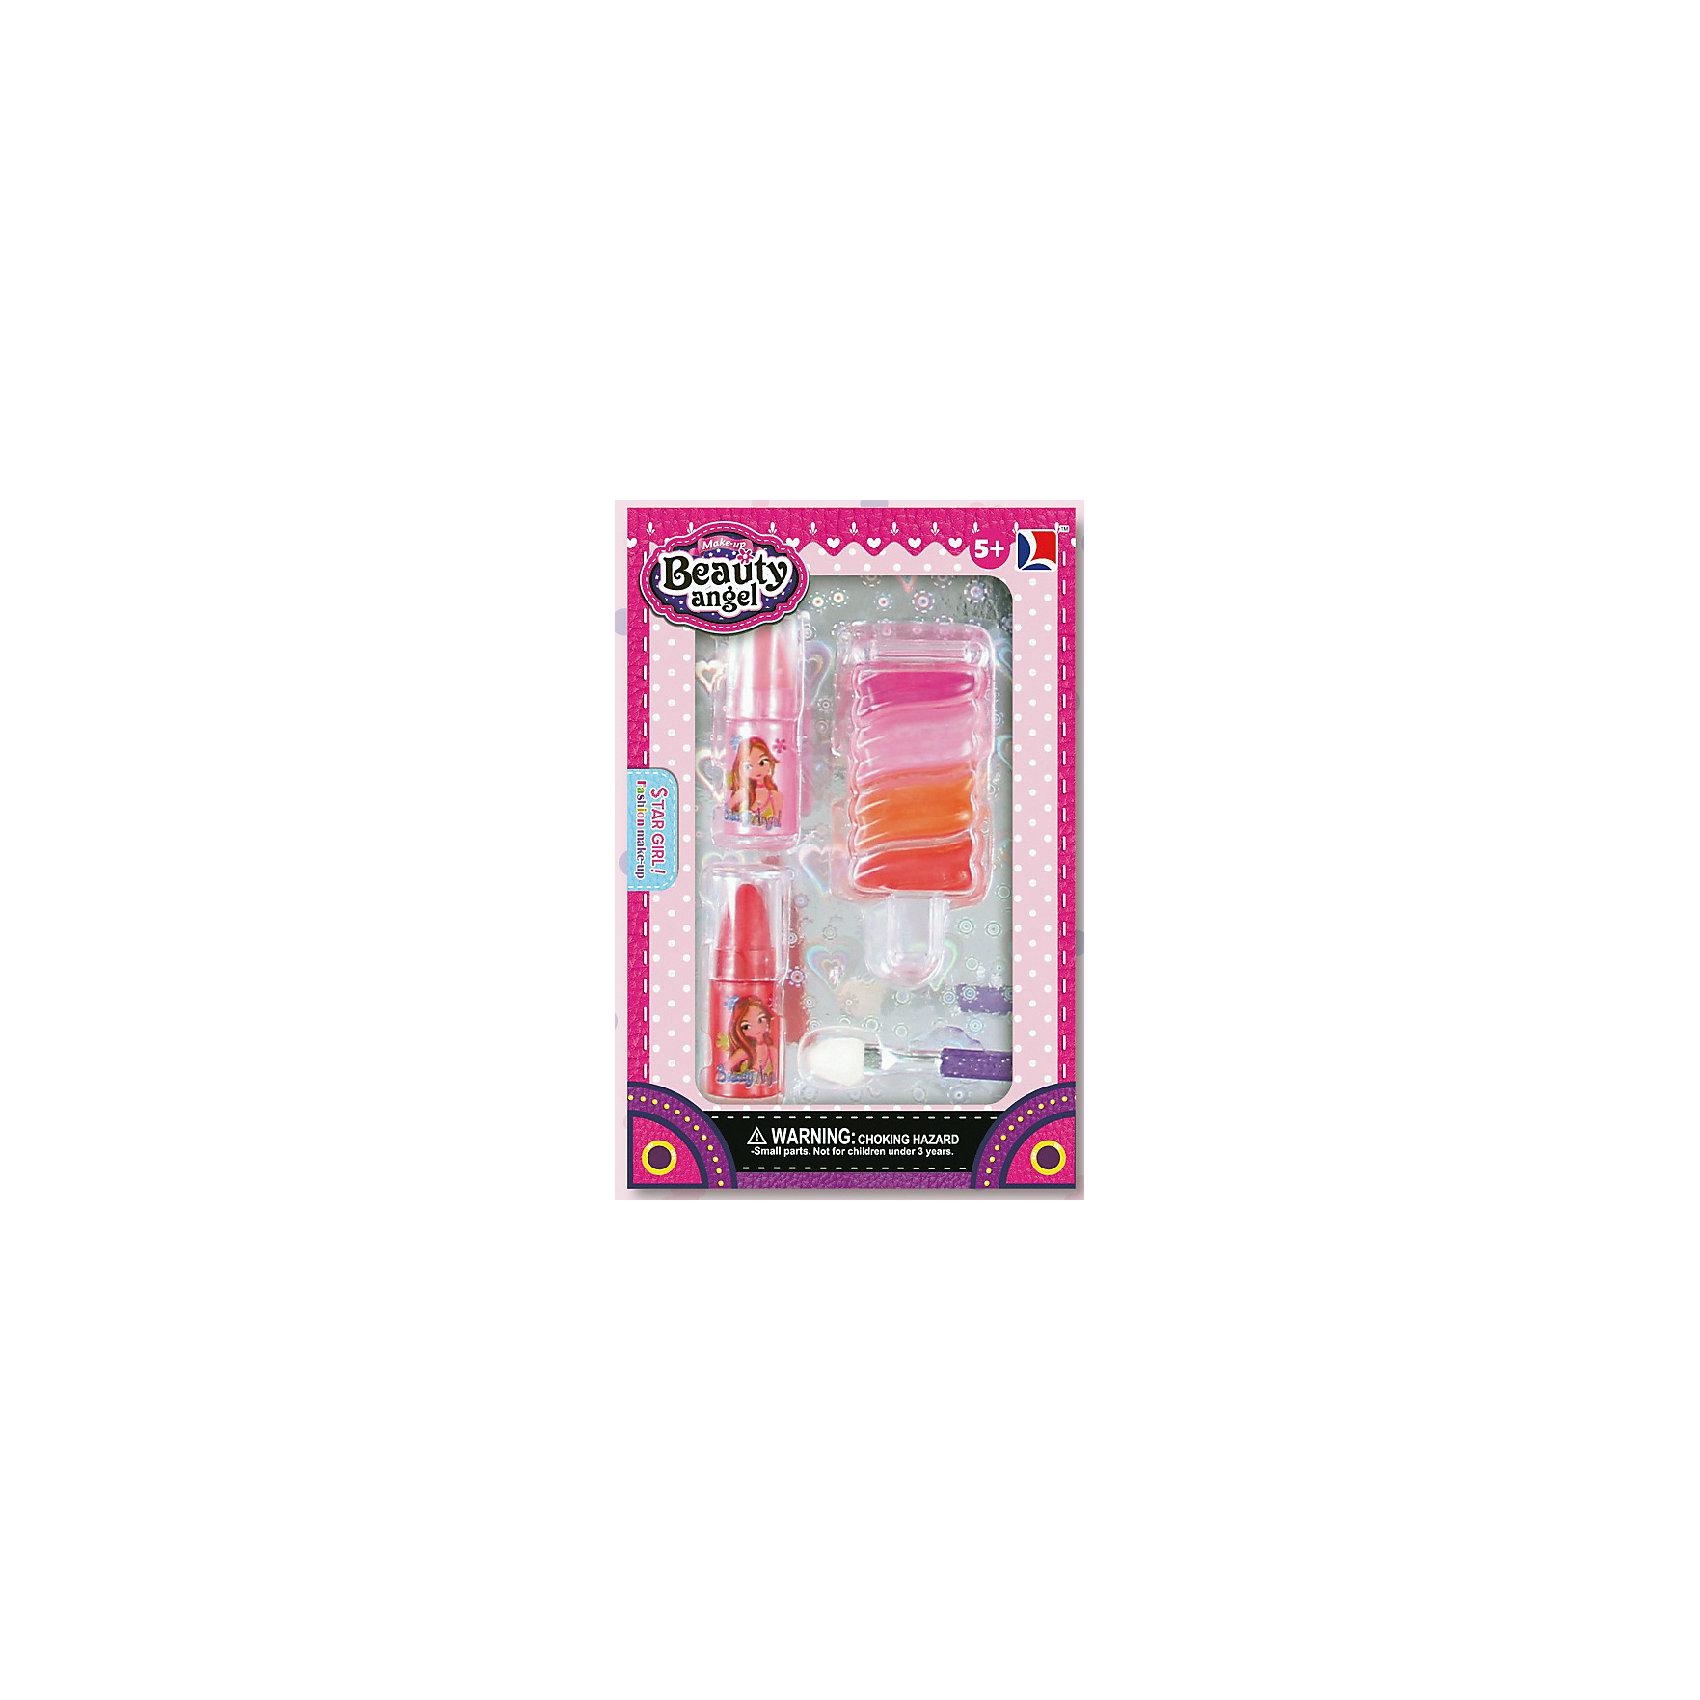 Игровой мини-набор Леденец, Beauty AngelНаборы детской косметики<br>Характеристики:<br><br>• Вид игрушек: детская косметика<br>• Пол: для девочки<br>• Материал: пластик, натуральные компоненты и красители<br>• Цвет: оттенки розового, оранжевый, красный и др.<br>• Комплектация: <br> блеск для губ – 1 тон<br> губная помада – 1 тон<br> кисточка – 1 шт.<br>• Форма футляра: леденец<br>• Размер упаковки (Д*Ш*В): 8,1*2*12 см<br>• Вес: 38 г<br>• Упаковка: картонная коробка с блистером<br><br>Игровой мини-набор Леденец, Beauty Angel от всемирно известного торгового бренда Dileny, который занимается разработкой, дизайном и выпуском детской декоративной косметики с учетом модных и стильных тенденций мира моды. Линейка наборов Beauty Angel представляет собой косметические наборы в состав которых входят как матовые, так и перламутровые оттенки, аксессуары и инструменты для нанесения макияжа. <br><br>Декоративная косметика от Dileny легко наносится, ложится ровным слоем, не осыпается и легко смывается либо теплой водой, либо детским косметическим маслом. Косметика обладает повышенными гипоаллергенными свойствами и легким ароматом. Игровой мини-набор Леденец, Beauty Angel состоит из блеска для губ, губной помады и кисточки. Футляр выполнен в форме леденца.<br><br>Игровой мини-набор Леденец, Beauty Angel станет идеальным подарком для девочки к любому празднику.<br><br>Игровой мини-набор Леденец, Beauty Angel можно купить в нашем интернет-магазине.<br><br>Ширина мм: 81<br>Глубина мм: 20<br>Высота мм: 120<br>Вес г: 38<br>Возраст от месяцев: 60<br>Возраст до месяцев: 120<br>Пол: Женский<br>Возраст: Детский<br>SKU: 5418964